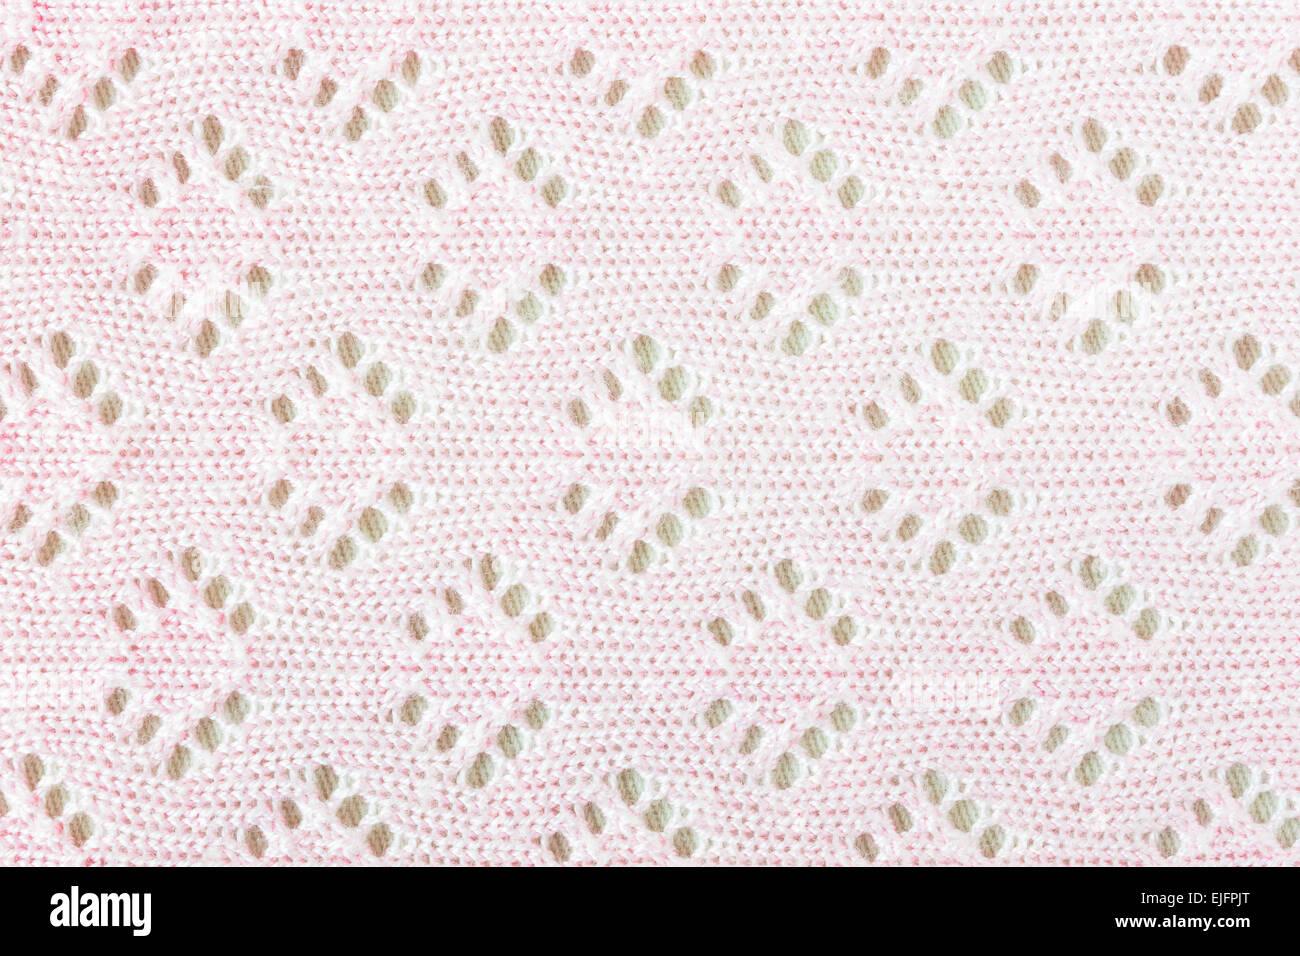 Crochet Pattern Imágenes De Stock & Crochet Pattern Fotos De Stock ...